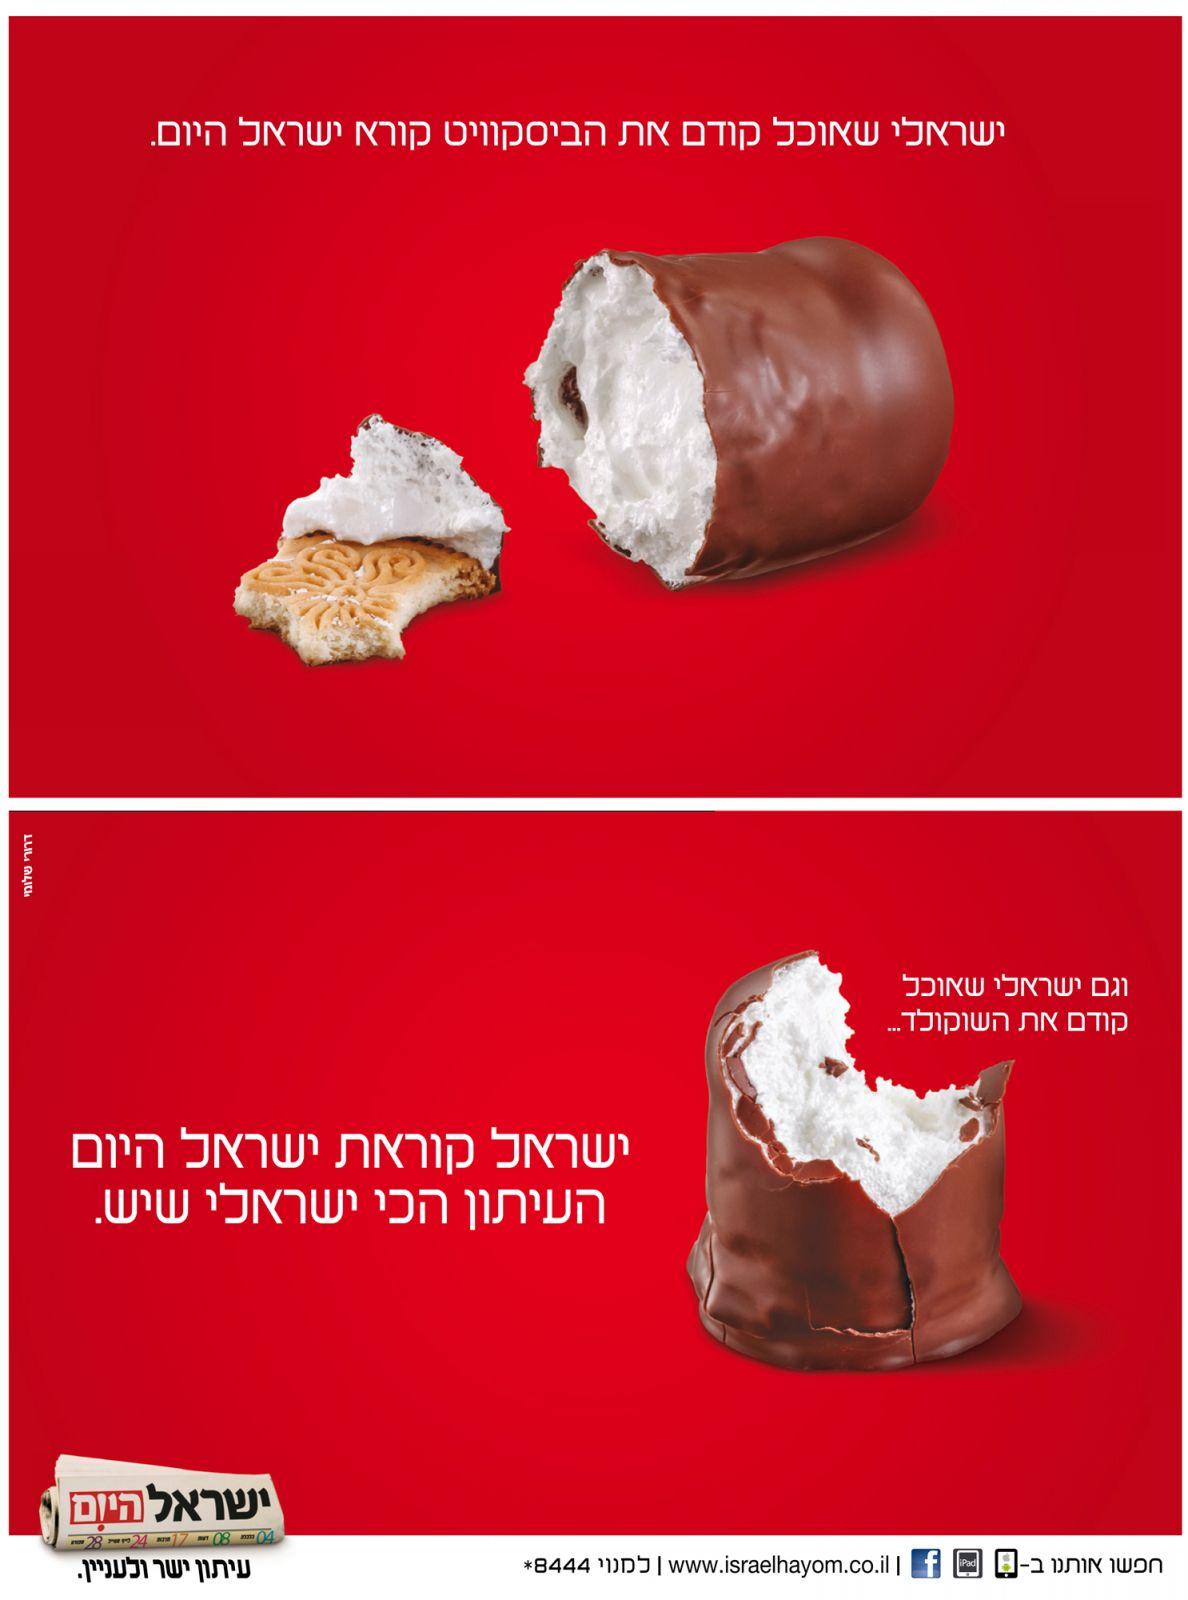 """צמד פרסומות ל""""ישראל היום"""", 16.12.13"""